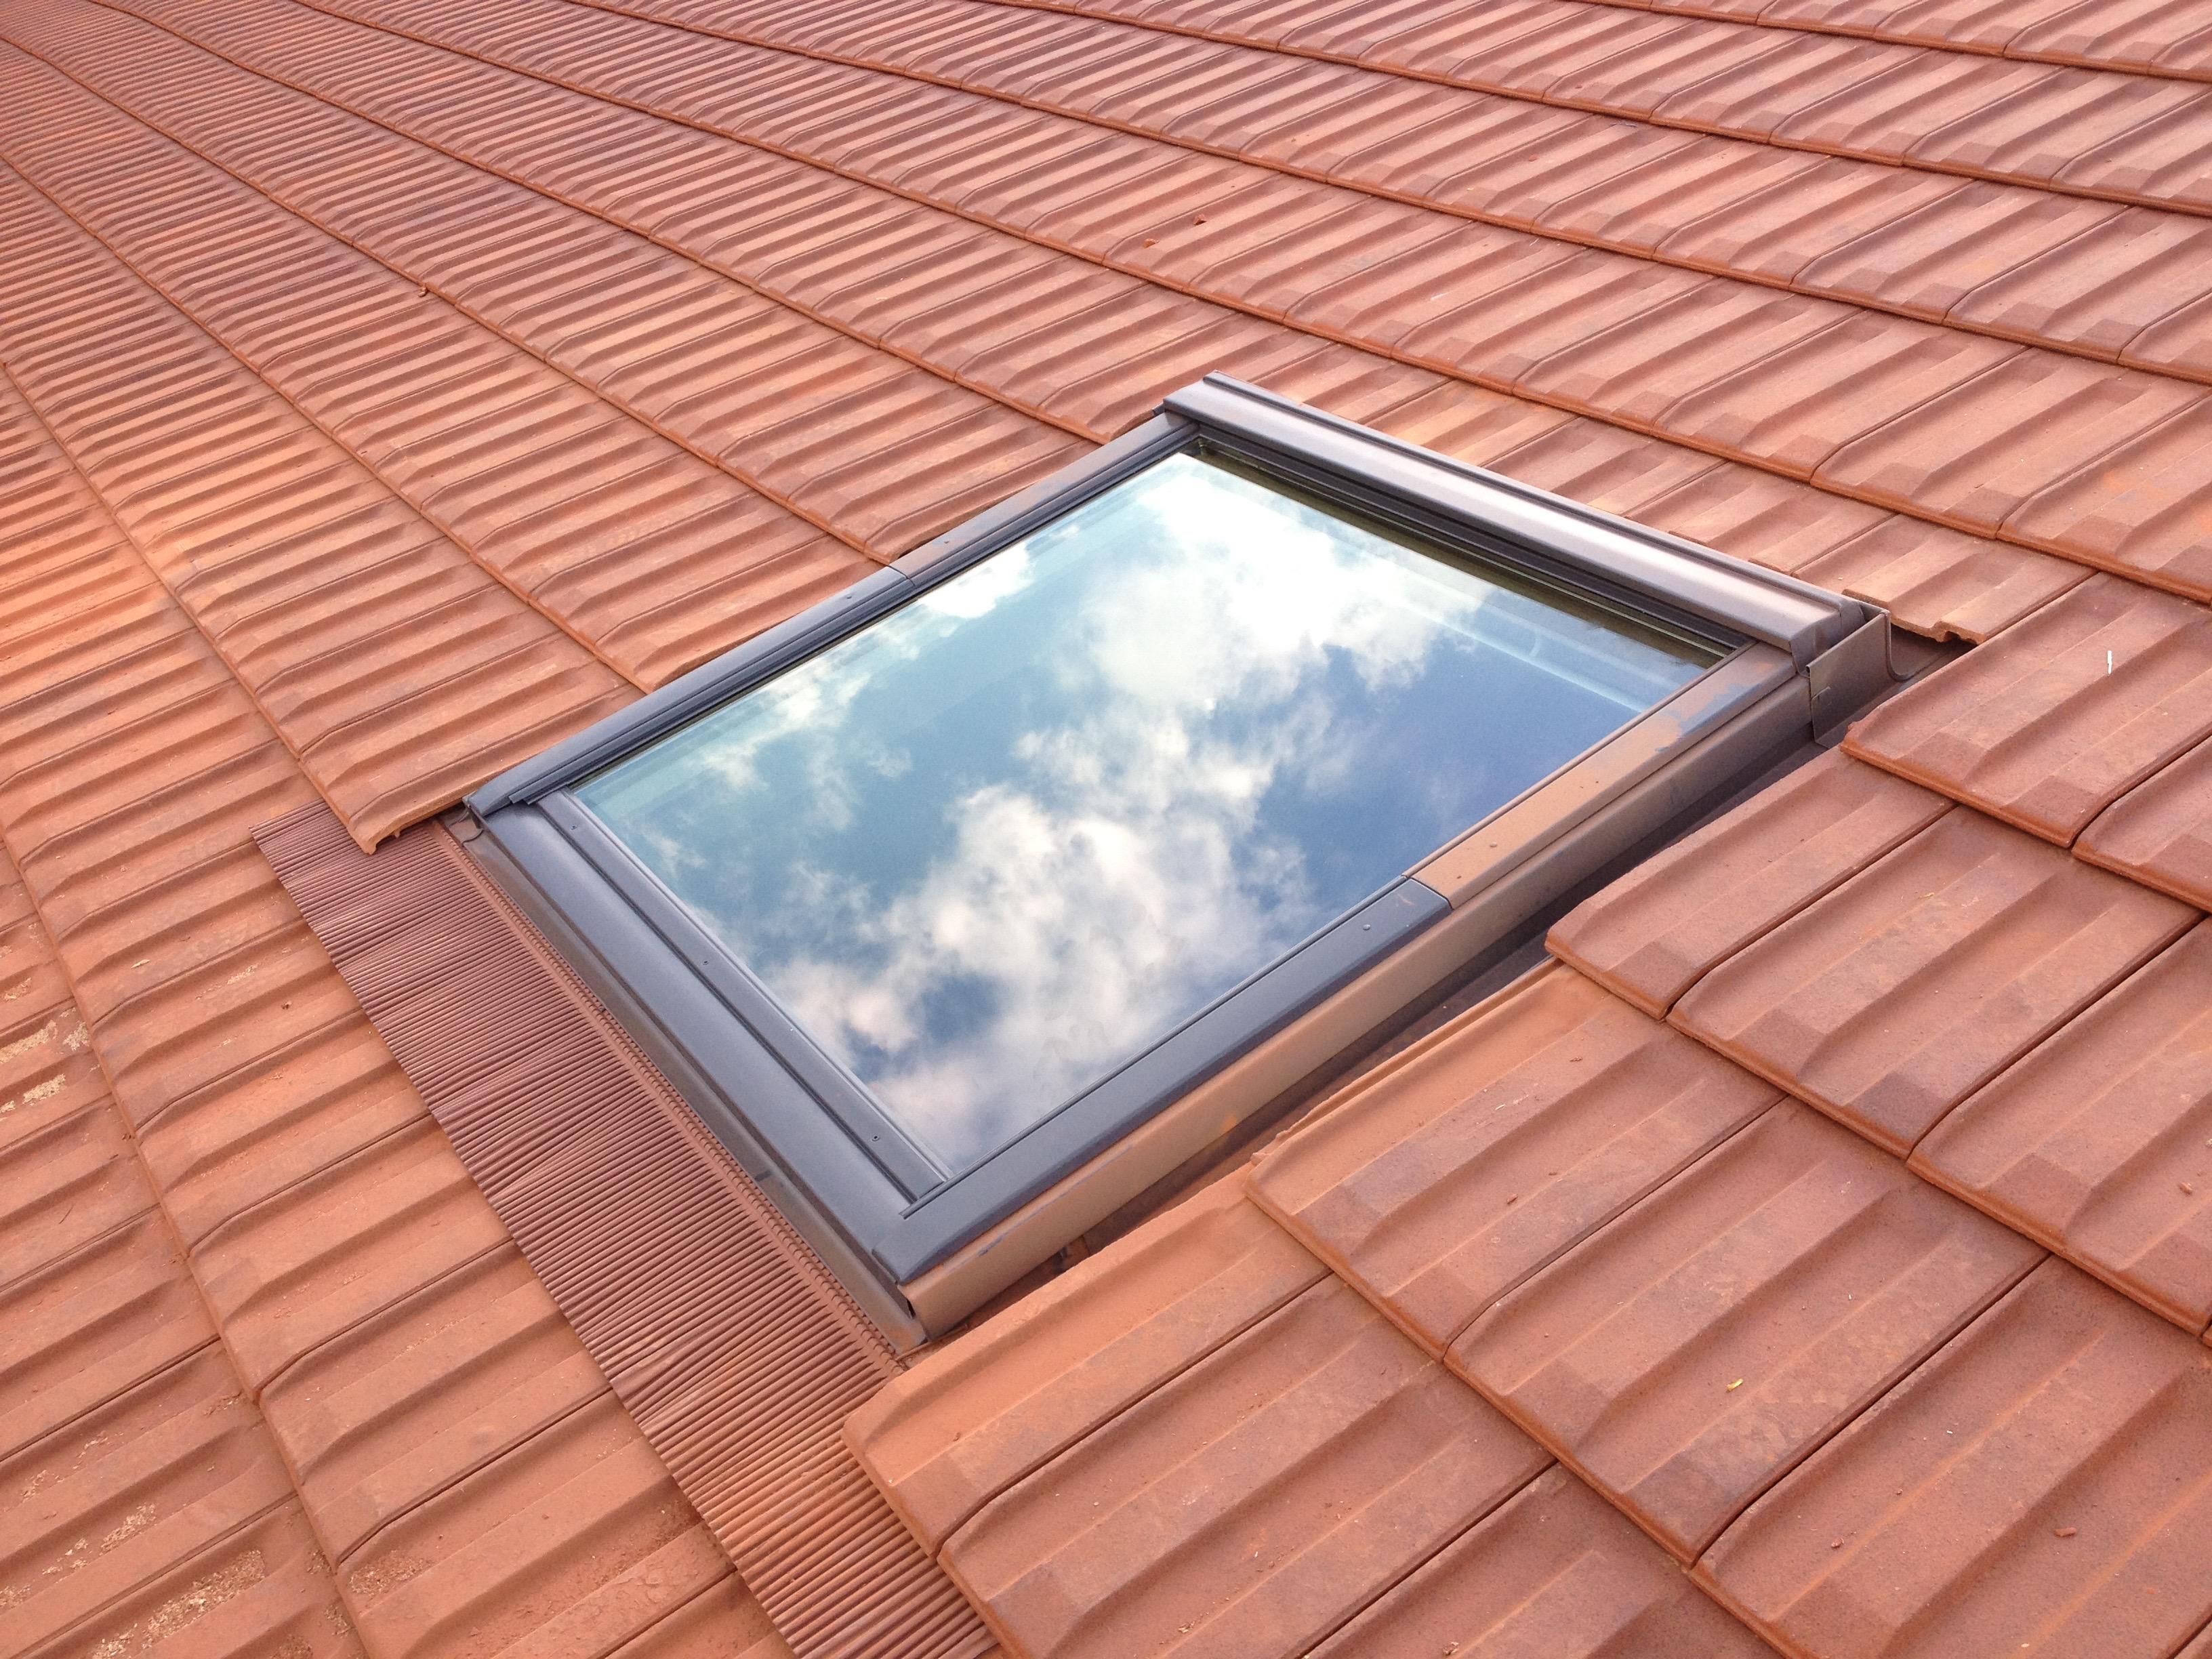 pose de velux sur toiture